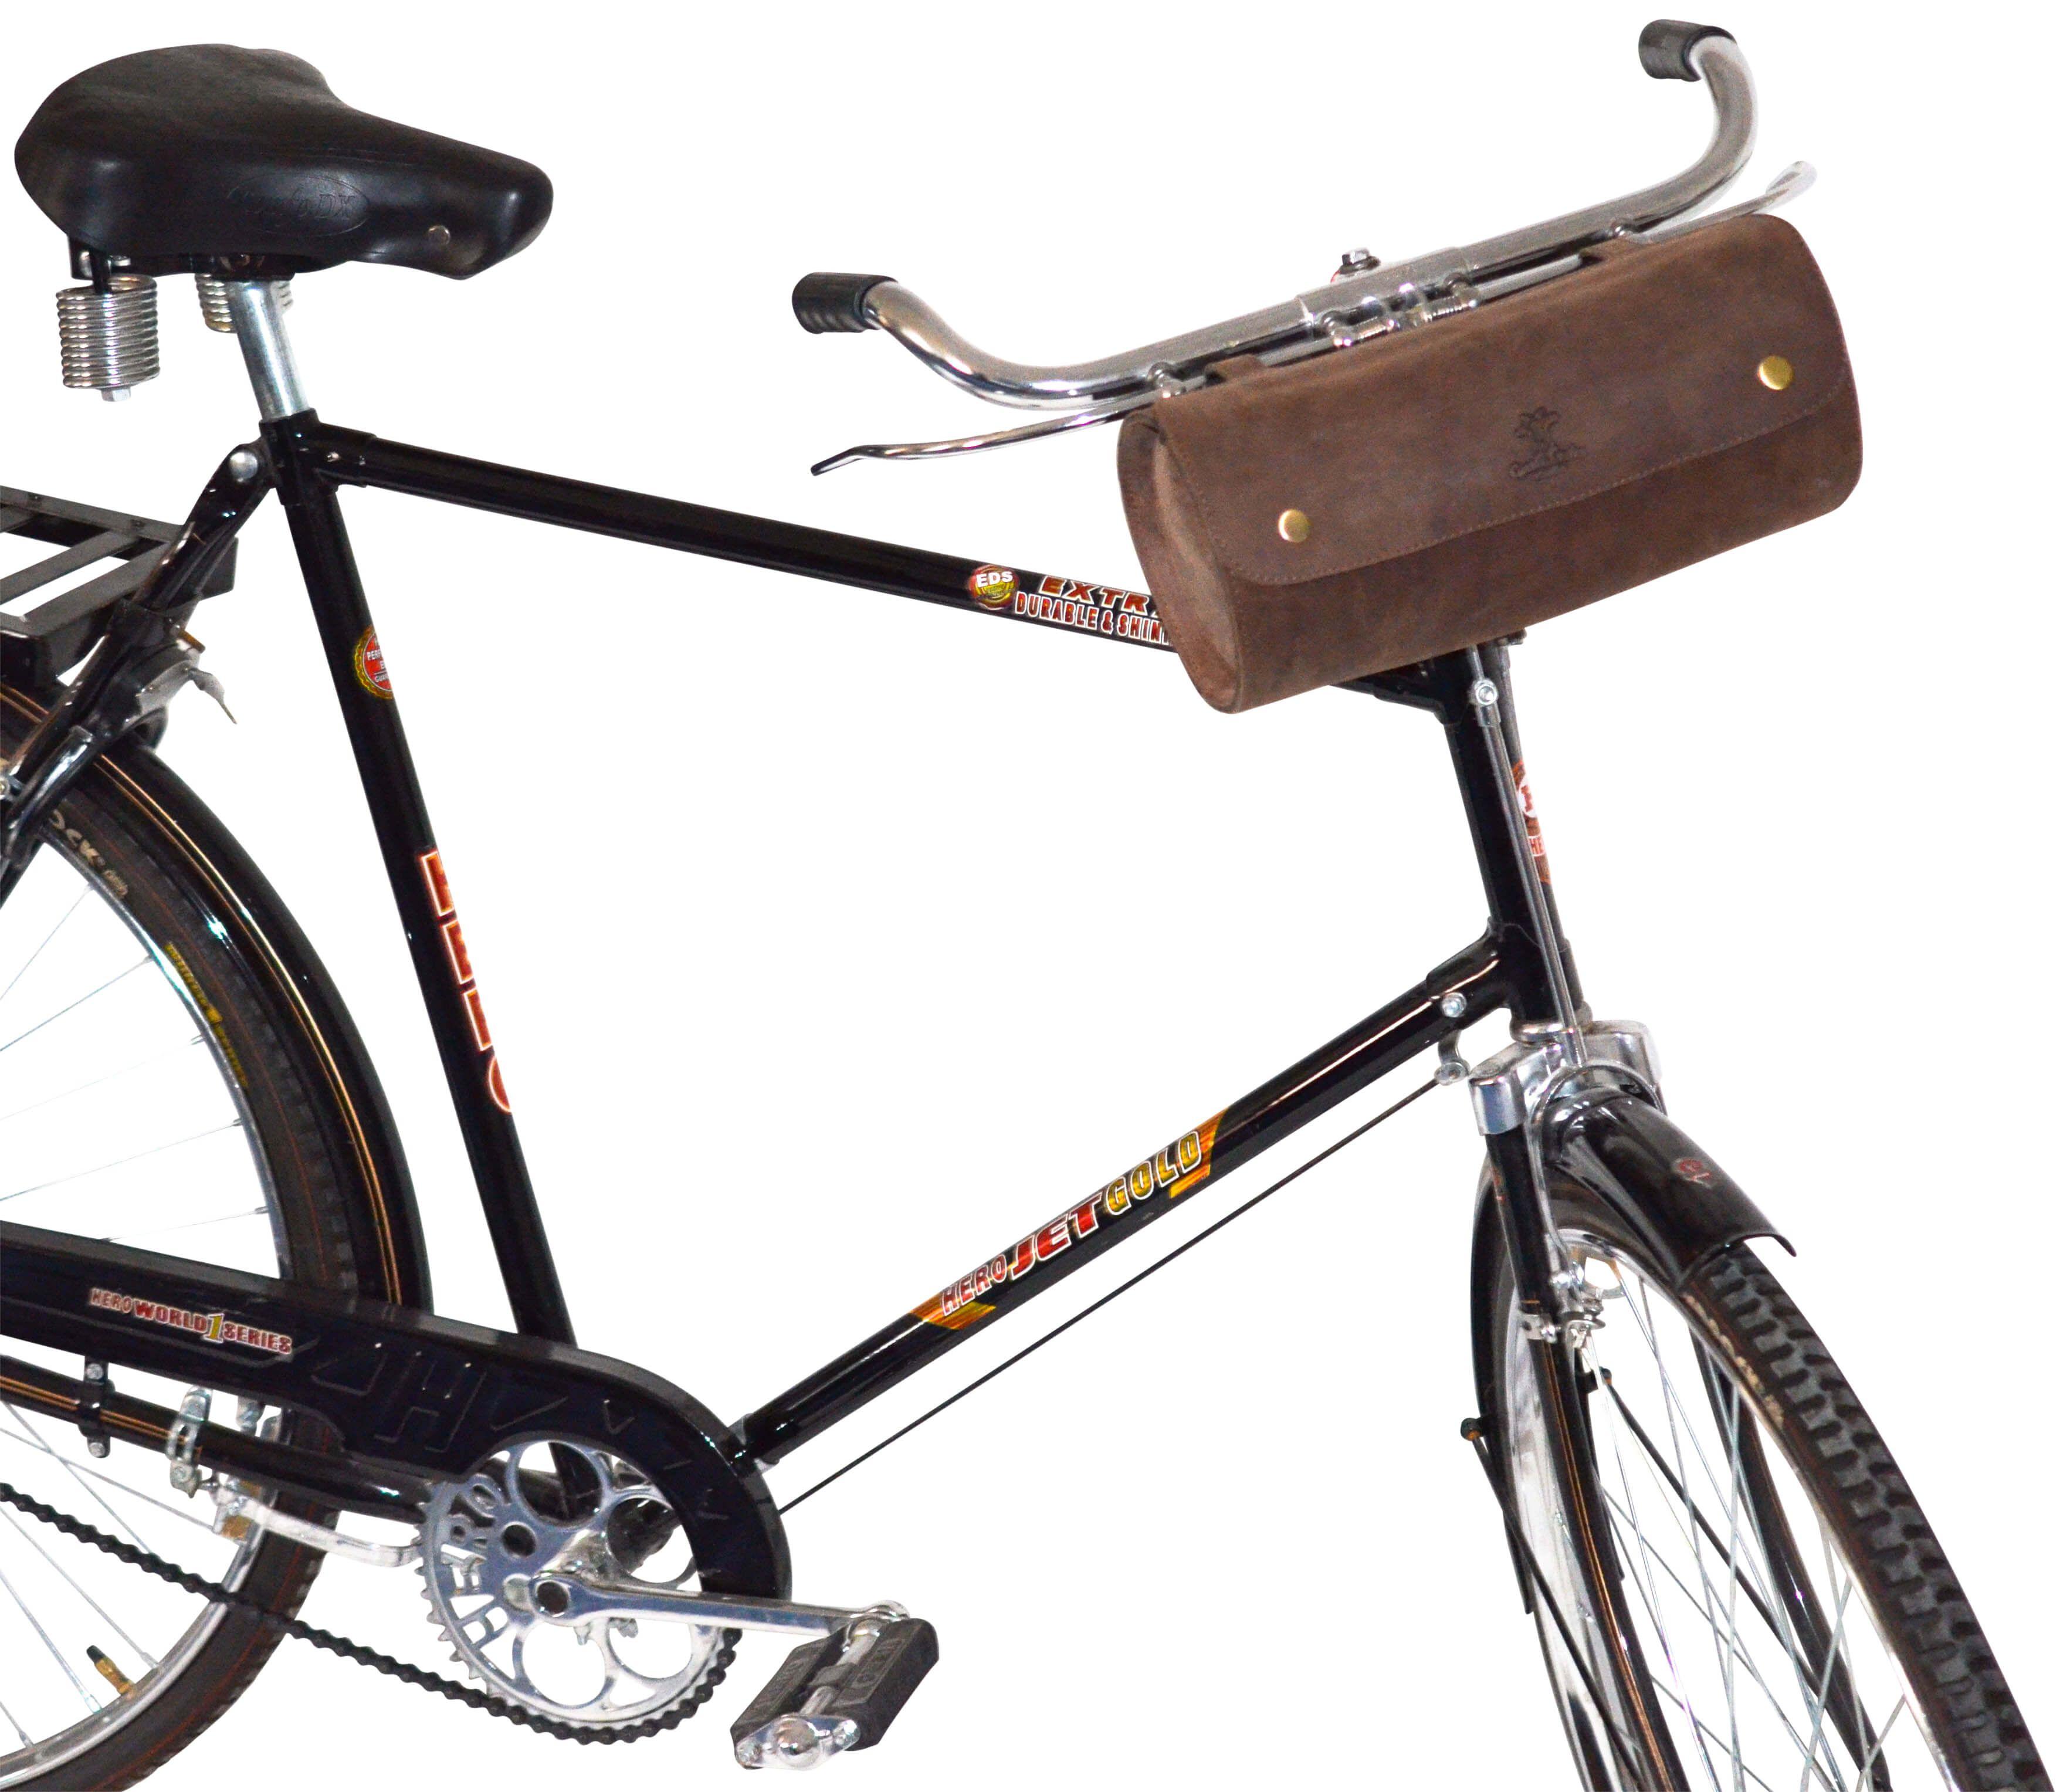 2g15 20 4 fahrradtasche ledertasche vintage fahrrad tasche. Black Bedroom Furniture Sets. Home Design Ideas